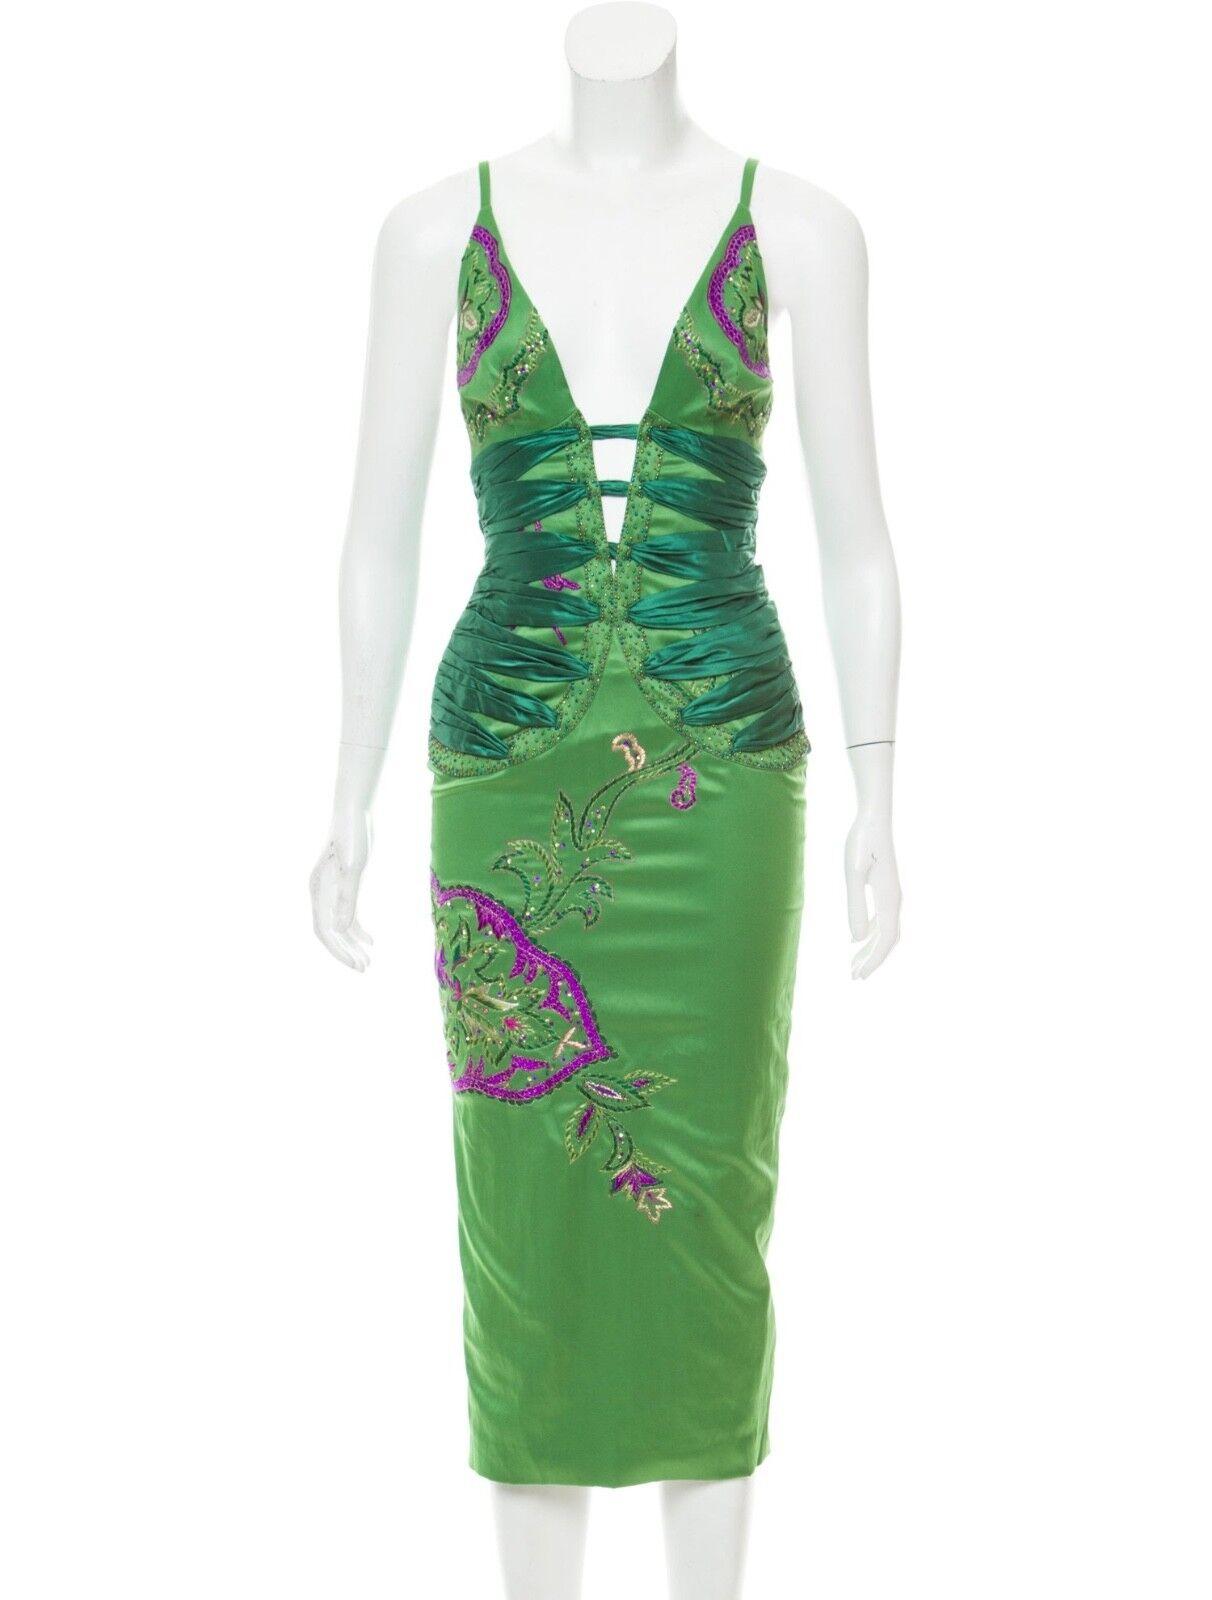 Satinado  vestido adornado MANDALAY Swarovski 2 XS Totokaelo  Ahorre 35% - 70% de descuento